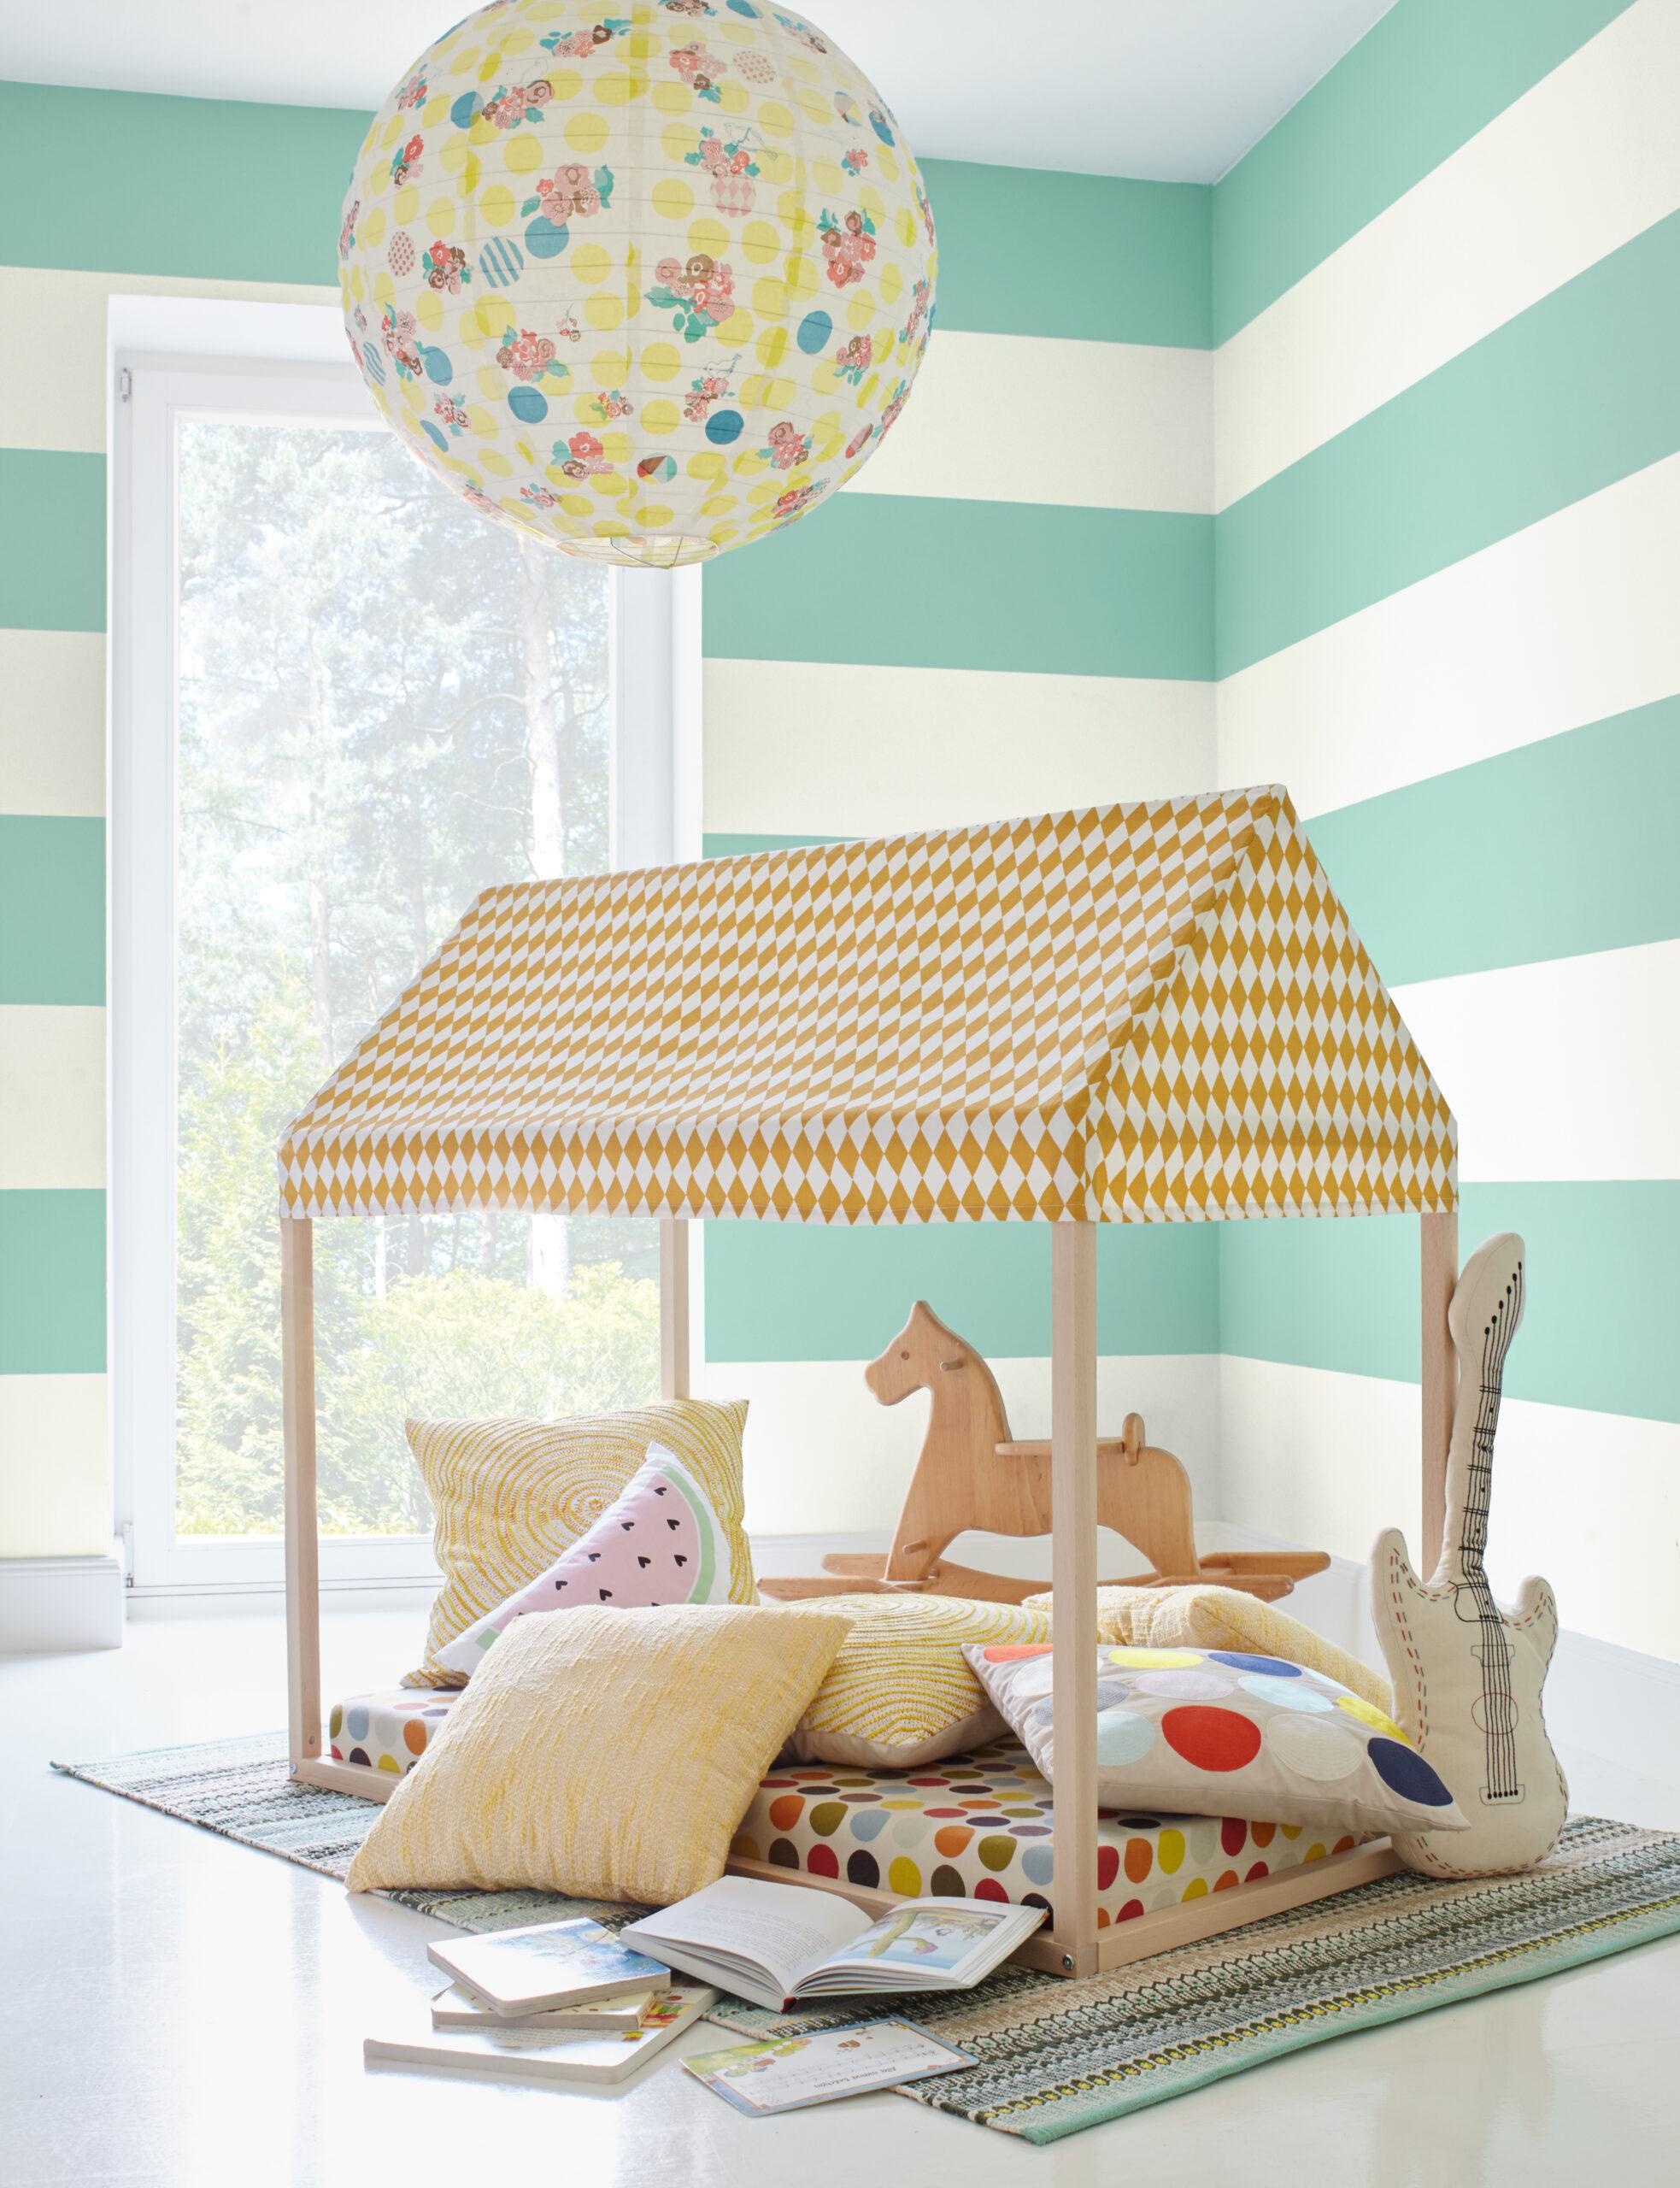 Full Size of Kinderzimmer Einrichten Junge Regal Badezimmer Sofa Regale Küche Weiß Kleine Kinderzimmer Kinderzimmer Einrichten Junge